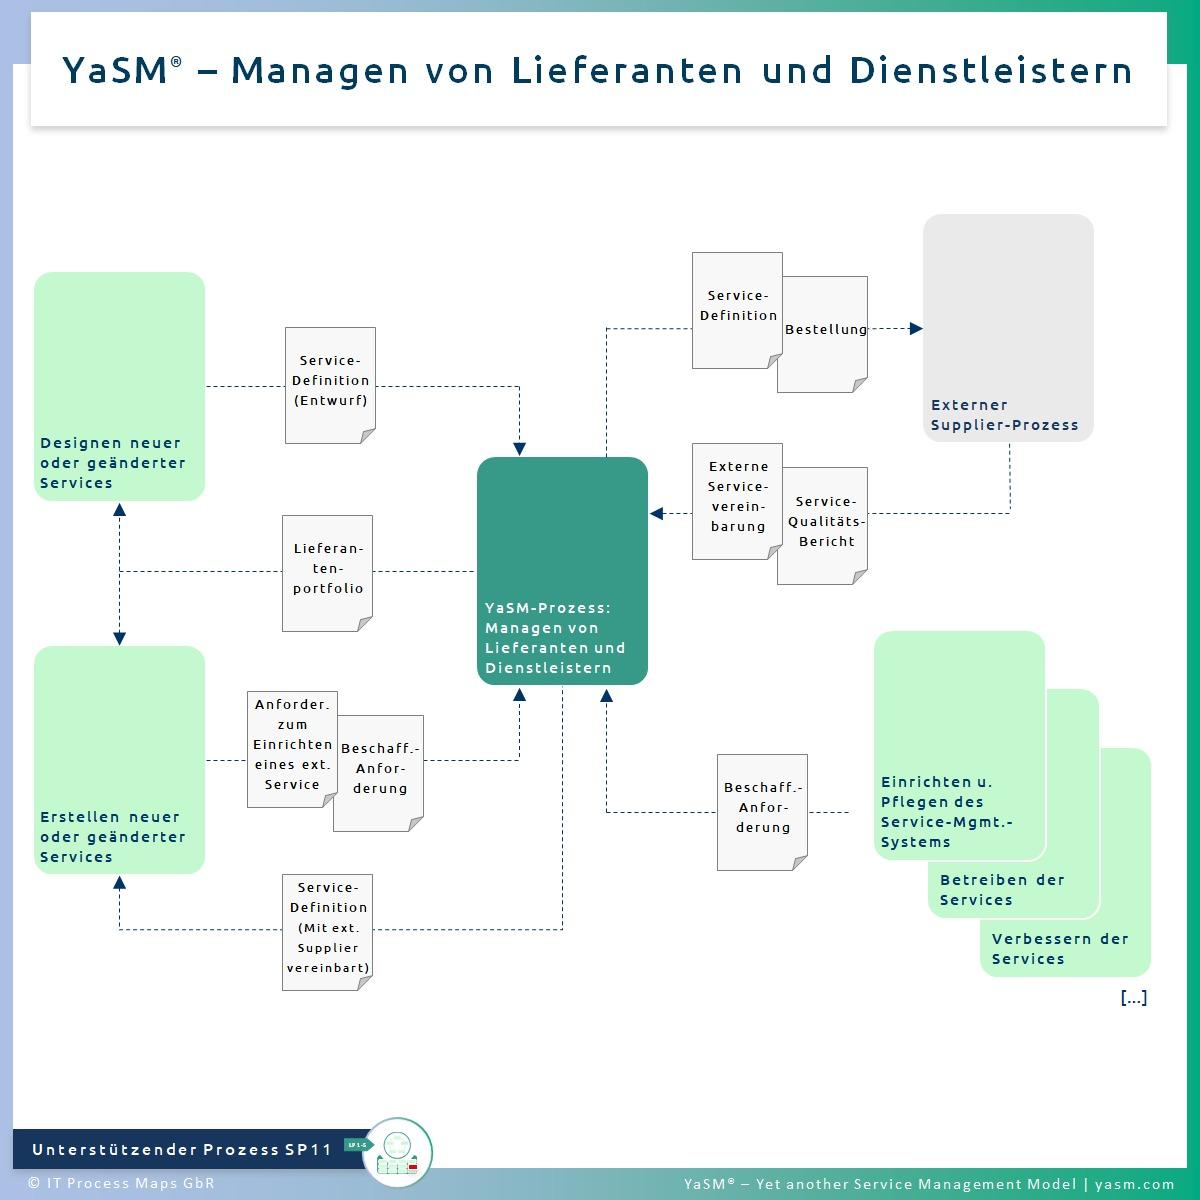 Abb. 1: Managen von Lieferanten und Dienstleistern. - YaSM Supplier-Management-Prozess SP11. - Kompatibel mit der Practice ITIL 4 Supplier Management.